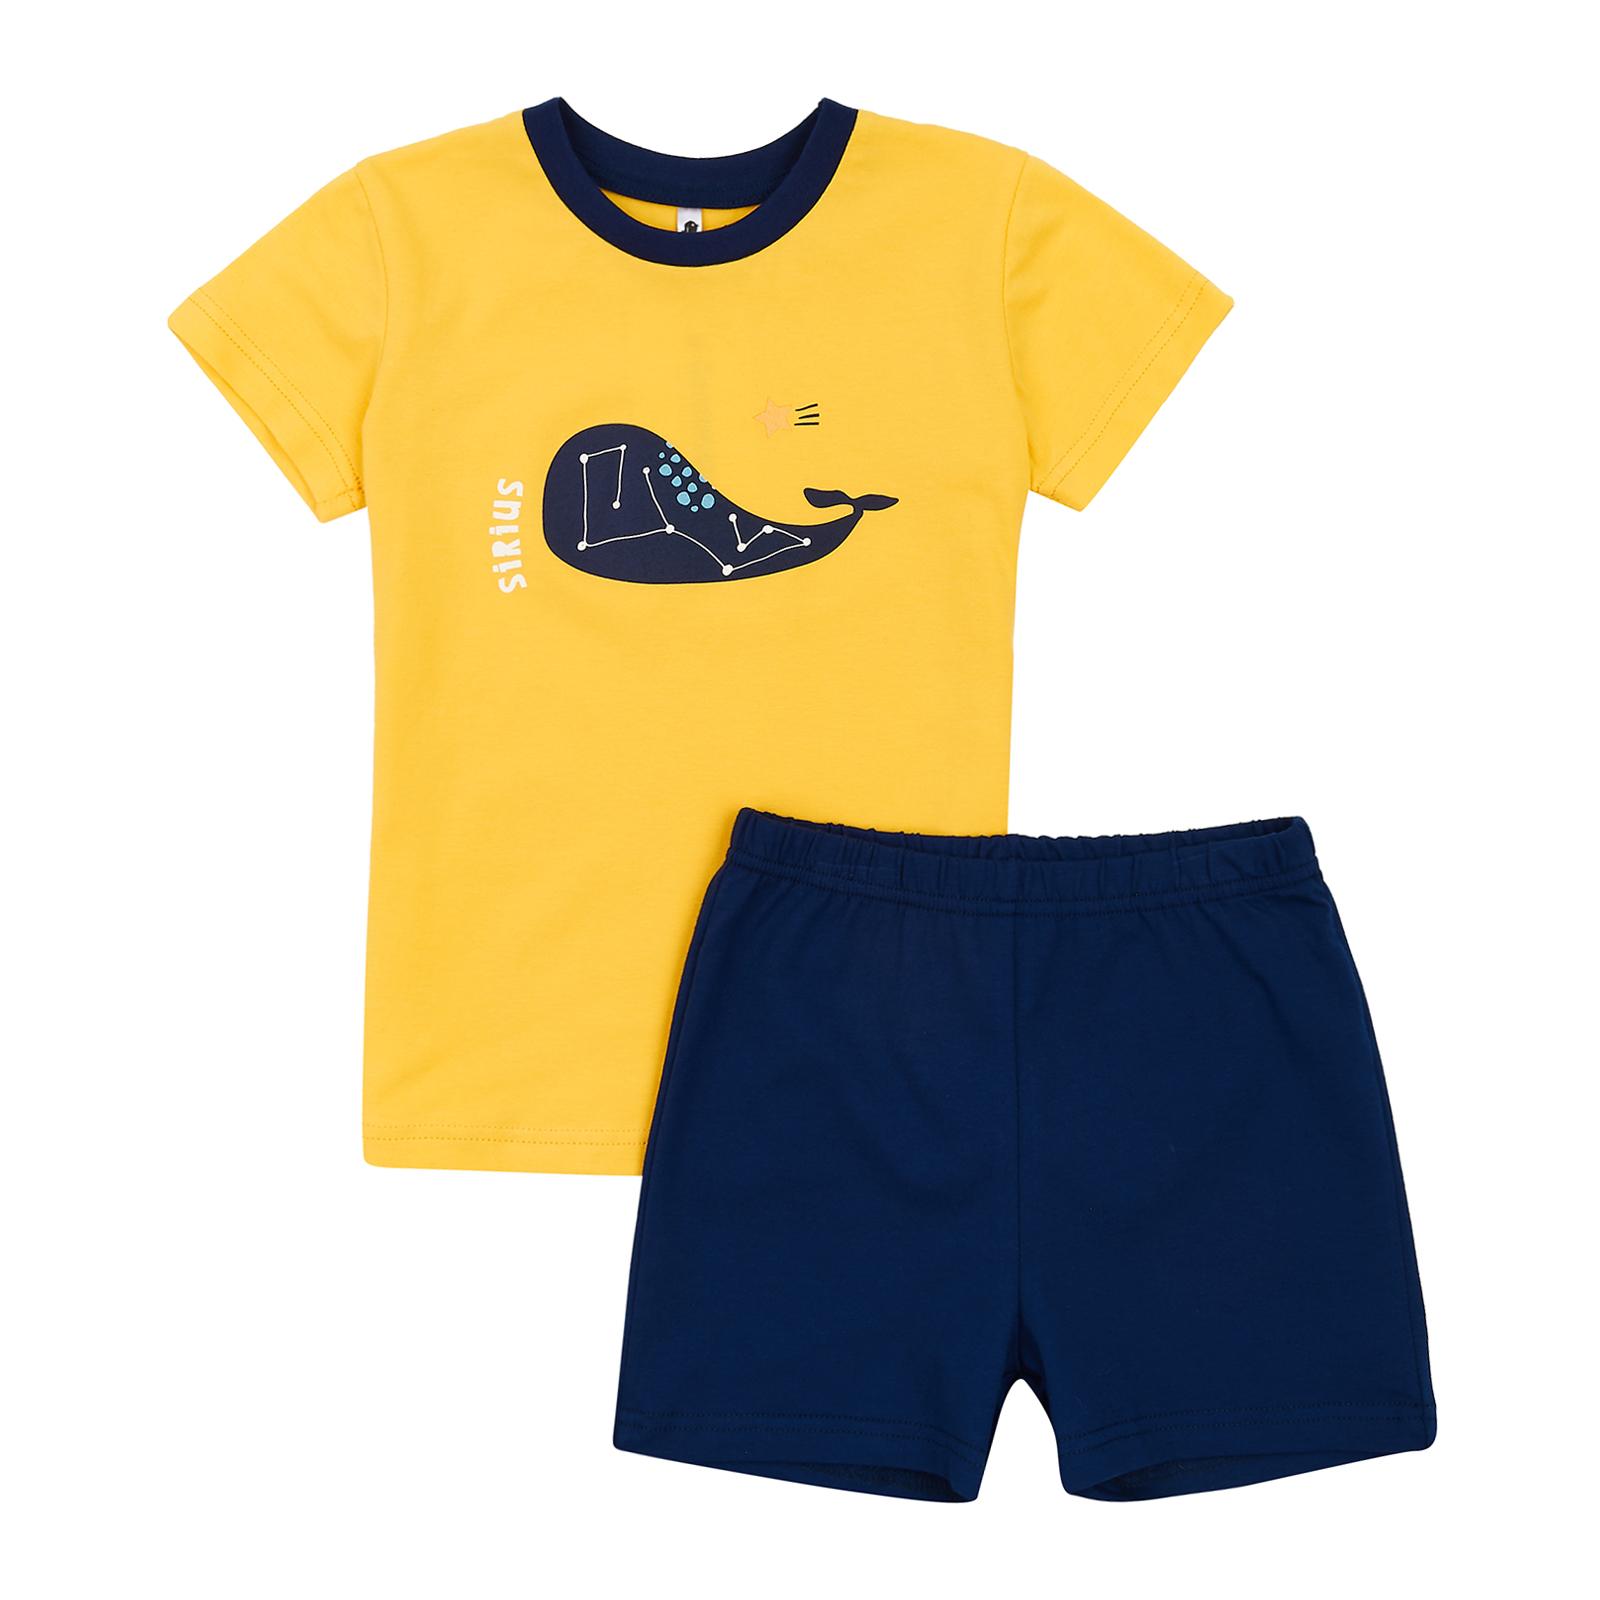 Пижама детские Garnamama модель 2EI~99376-7 отзывы, 2017